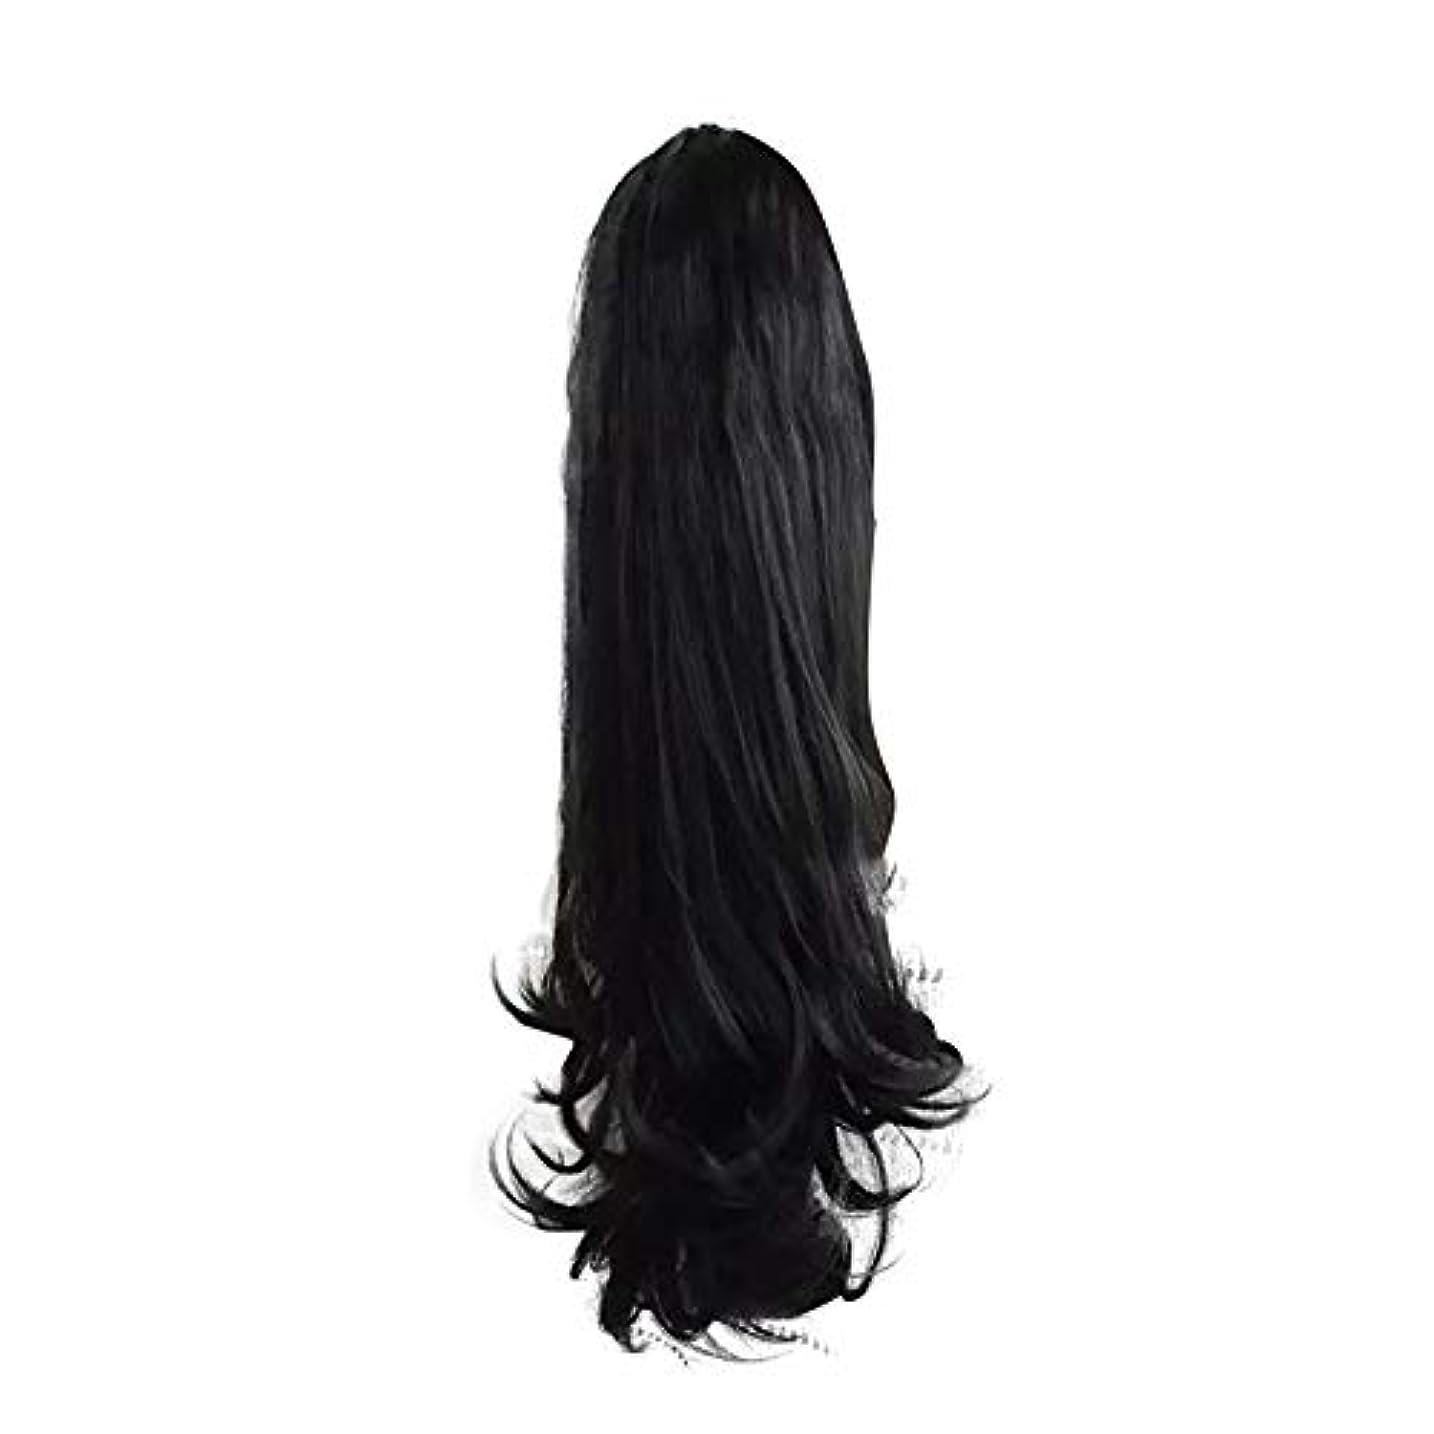 交渉する靴場合女性のための合成かつらの周りラップで巻き毛のポニーテールエクステンションクリップ自然に見える耐熱性、黒